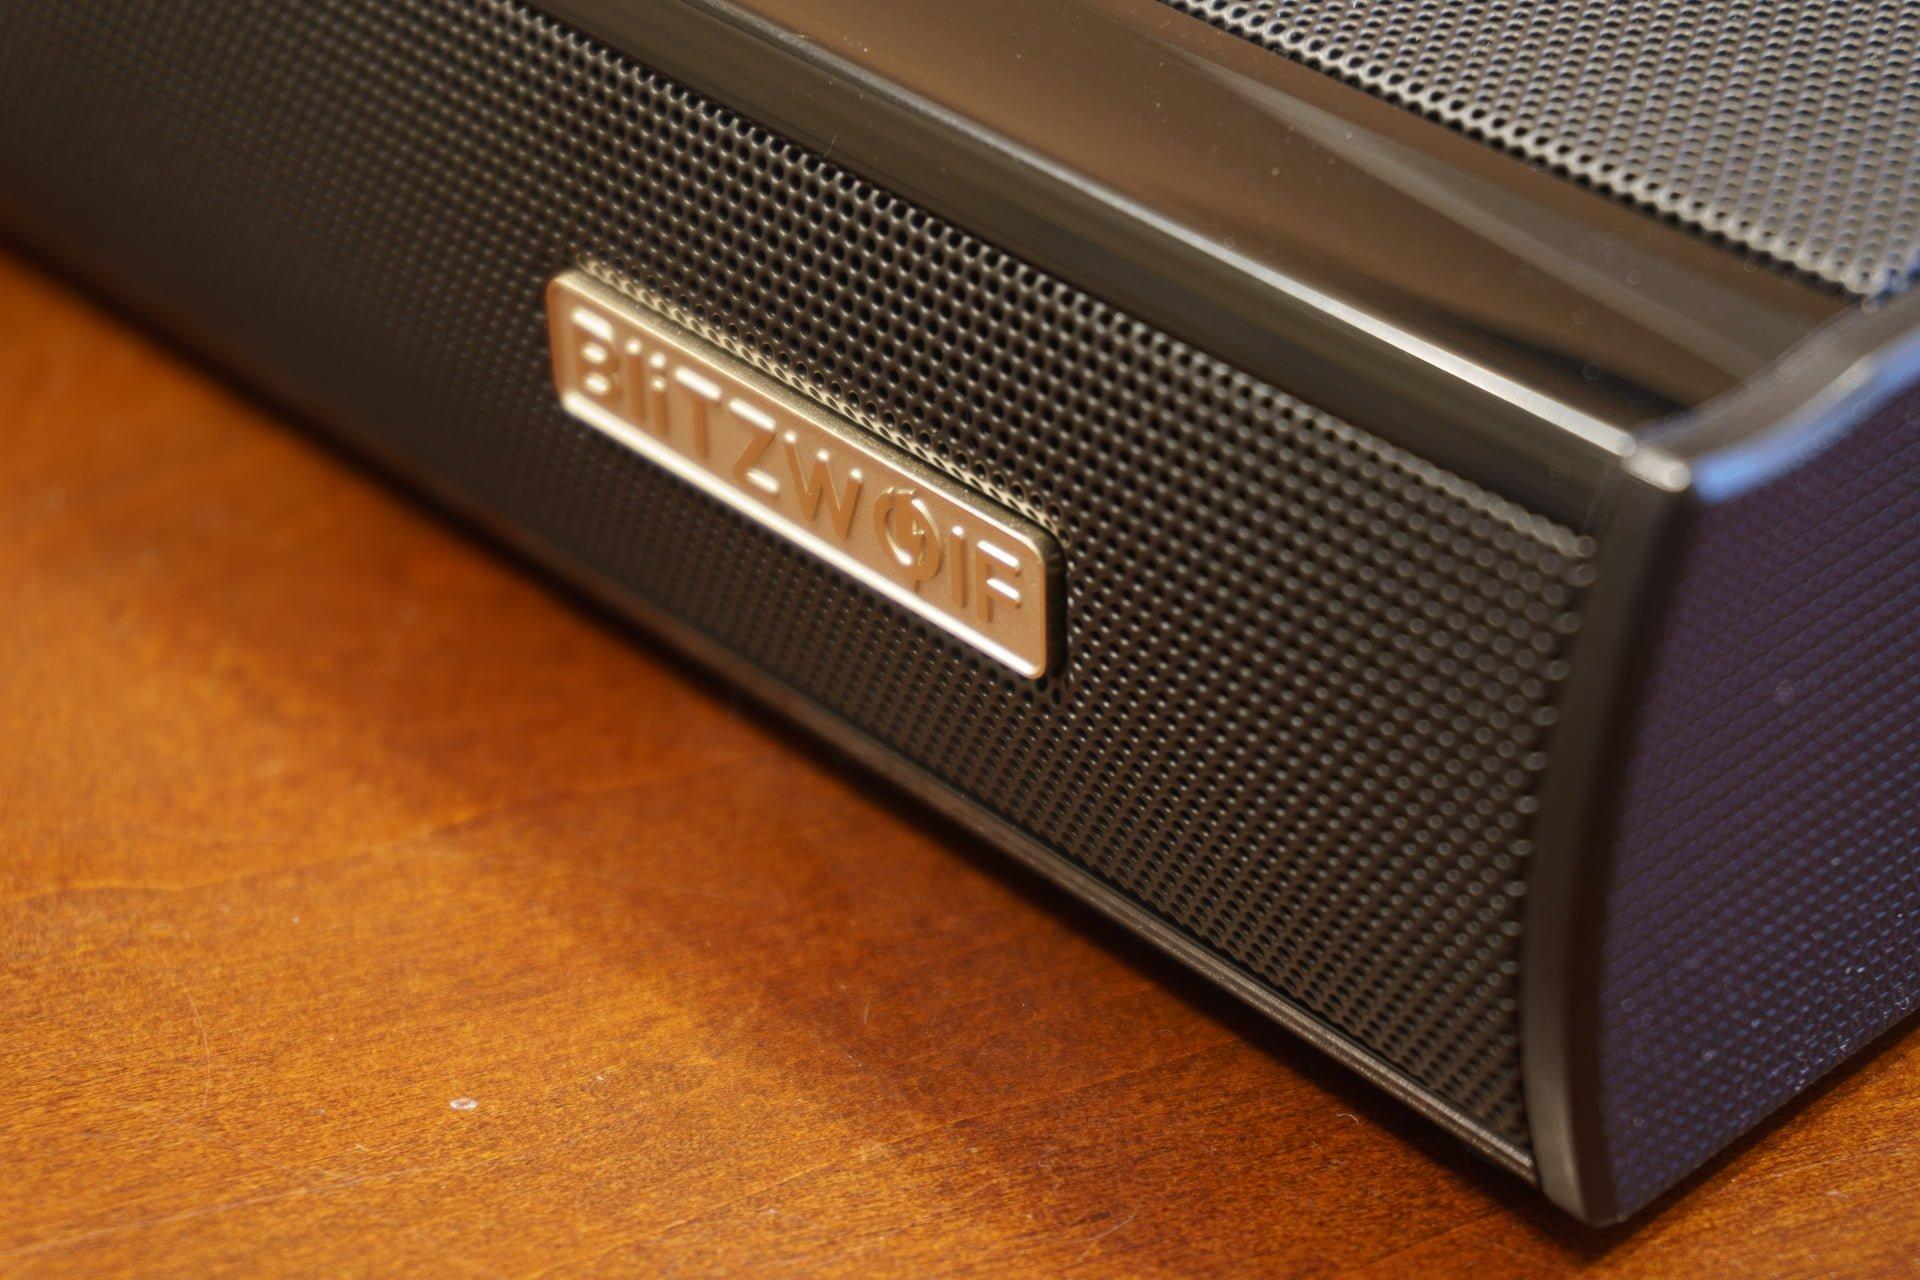 Tabletowo.pl Soundbar Blitzwolf BW-SDB1 - tanio i prosto nie oznacza, że źle (recenzja) Audio Recenzje Sprzęt